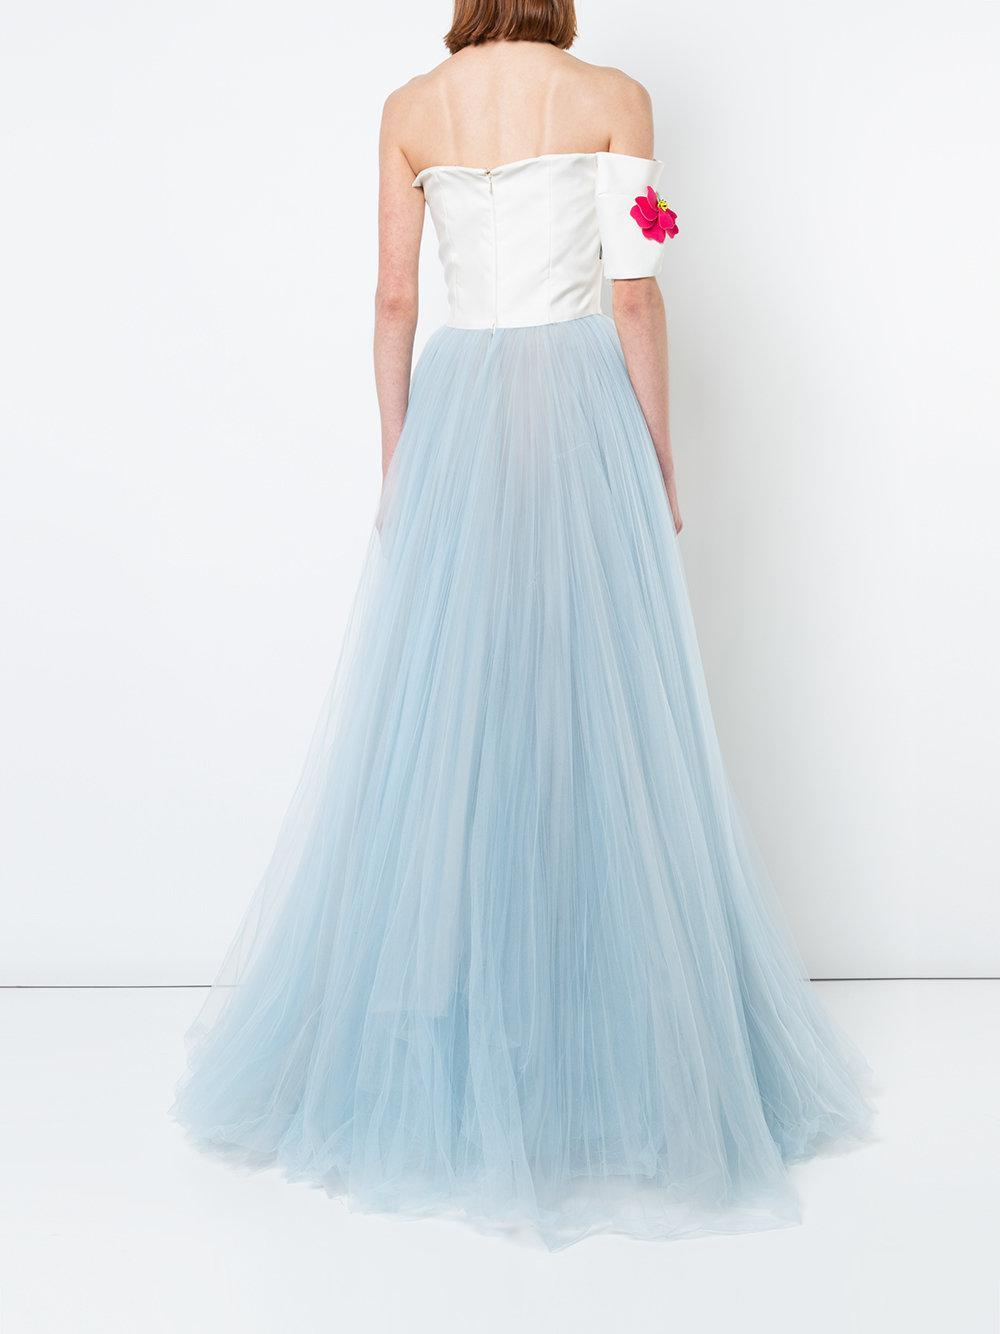 Carolina Herrera Silk Floral Embroidered Ballgown in White